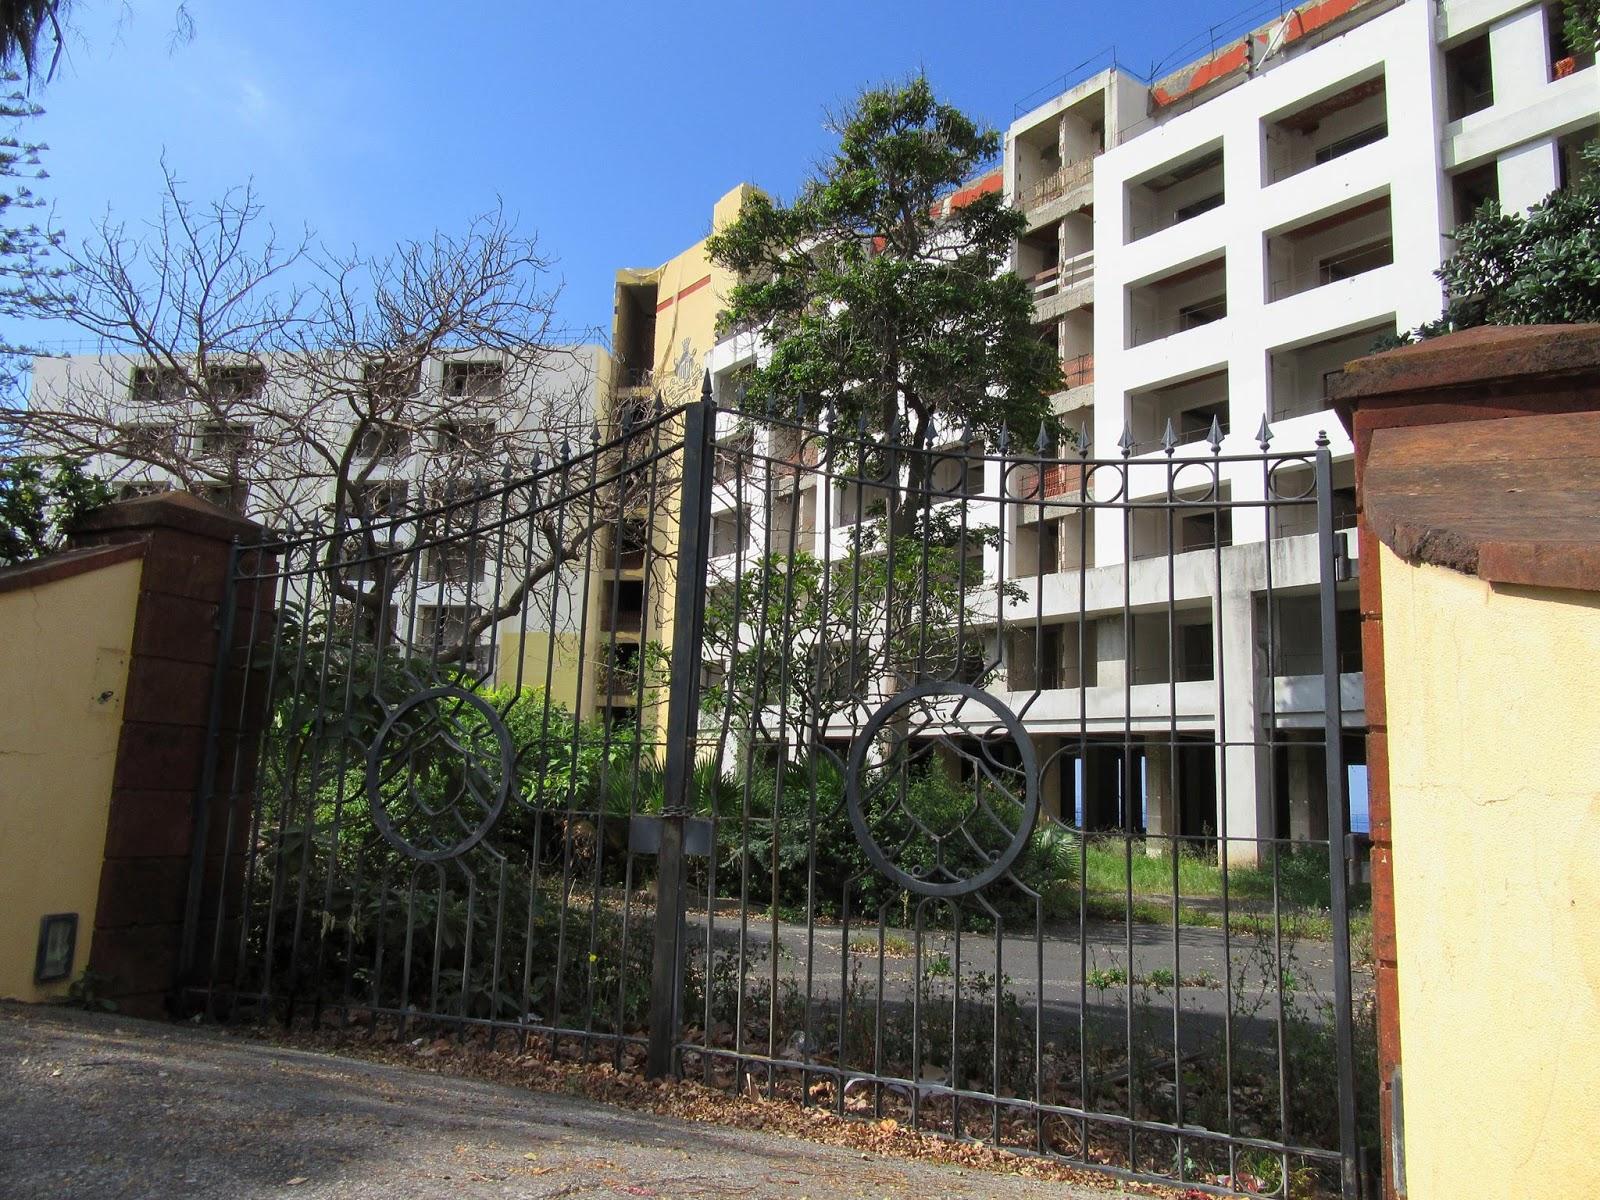 Madeira Palacio today